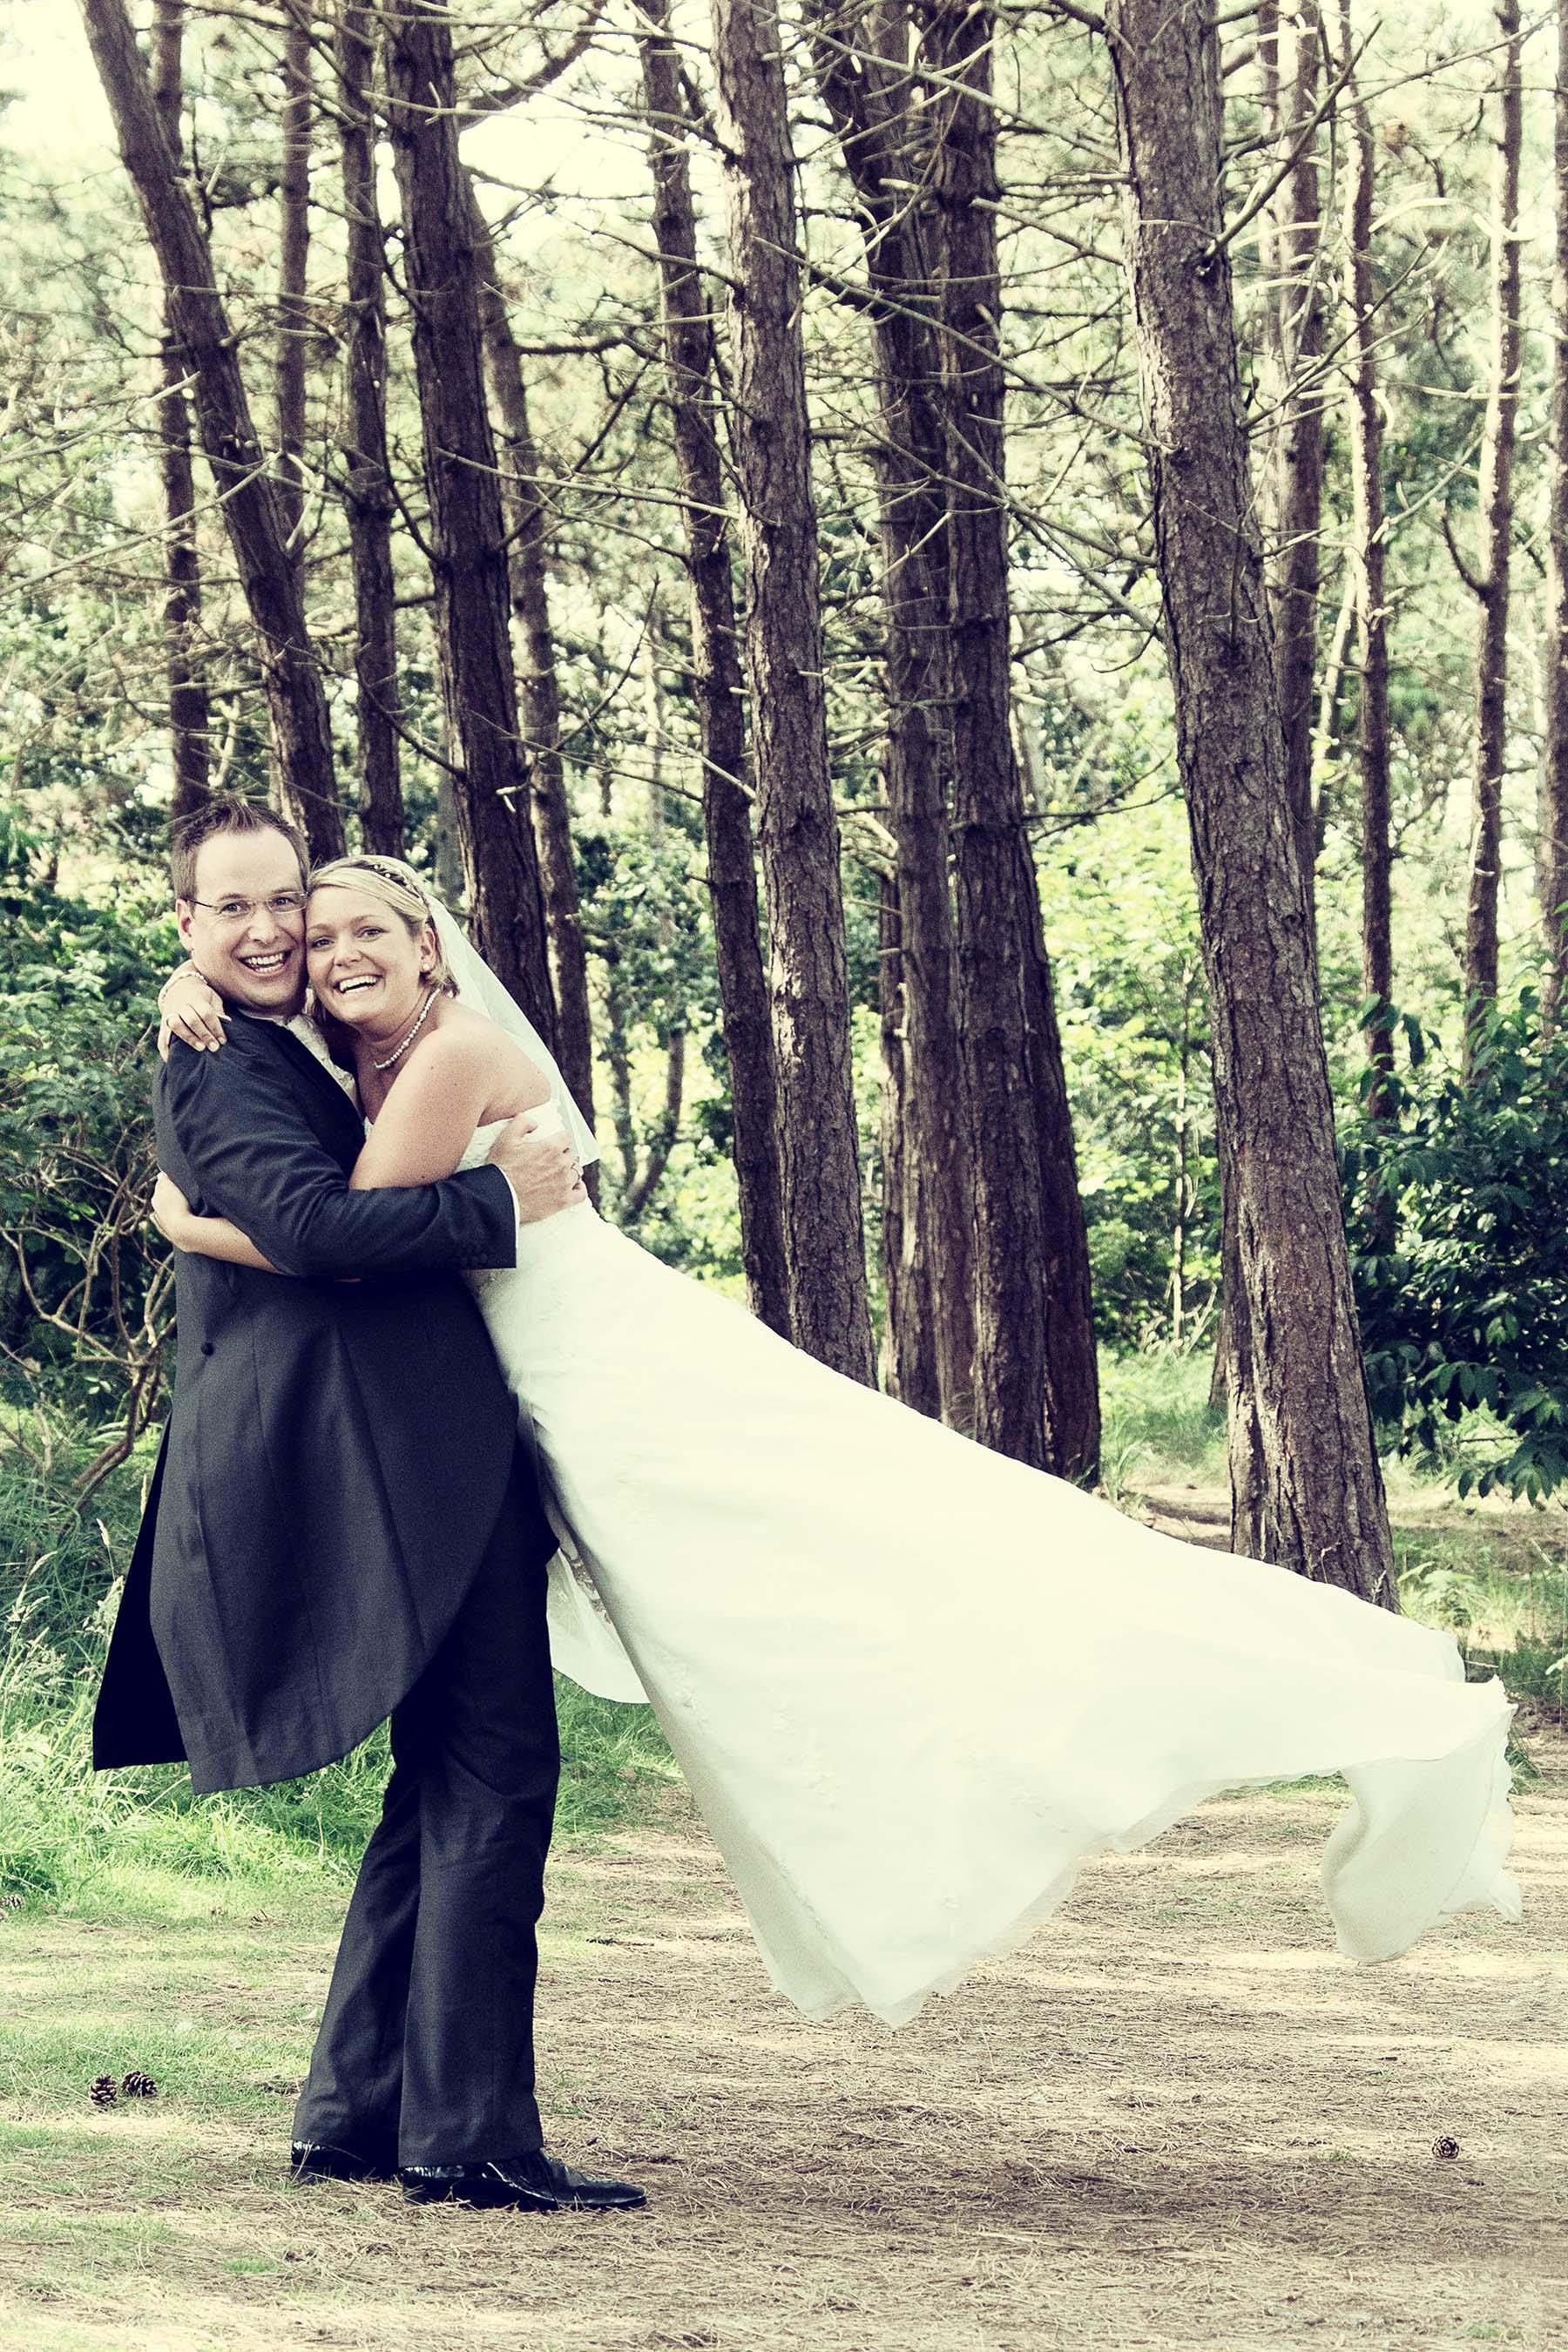 417 Hochzeitsfotograf Michael Stange Baltrum Osnabrueck